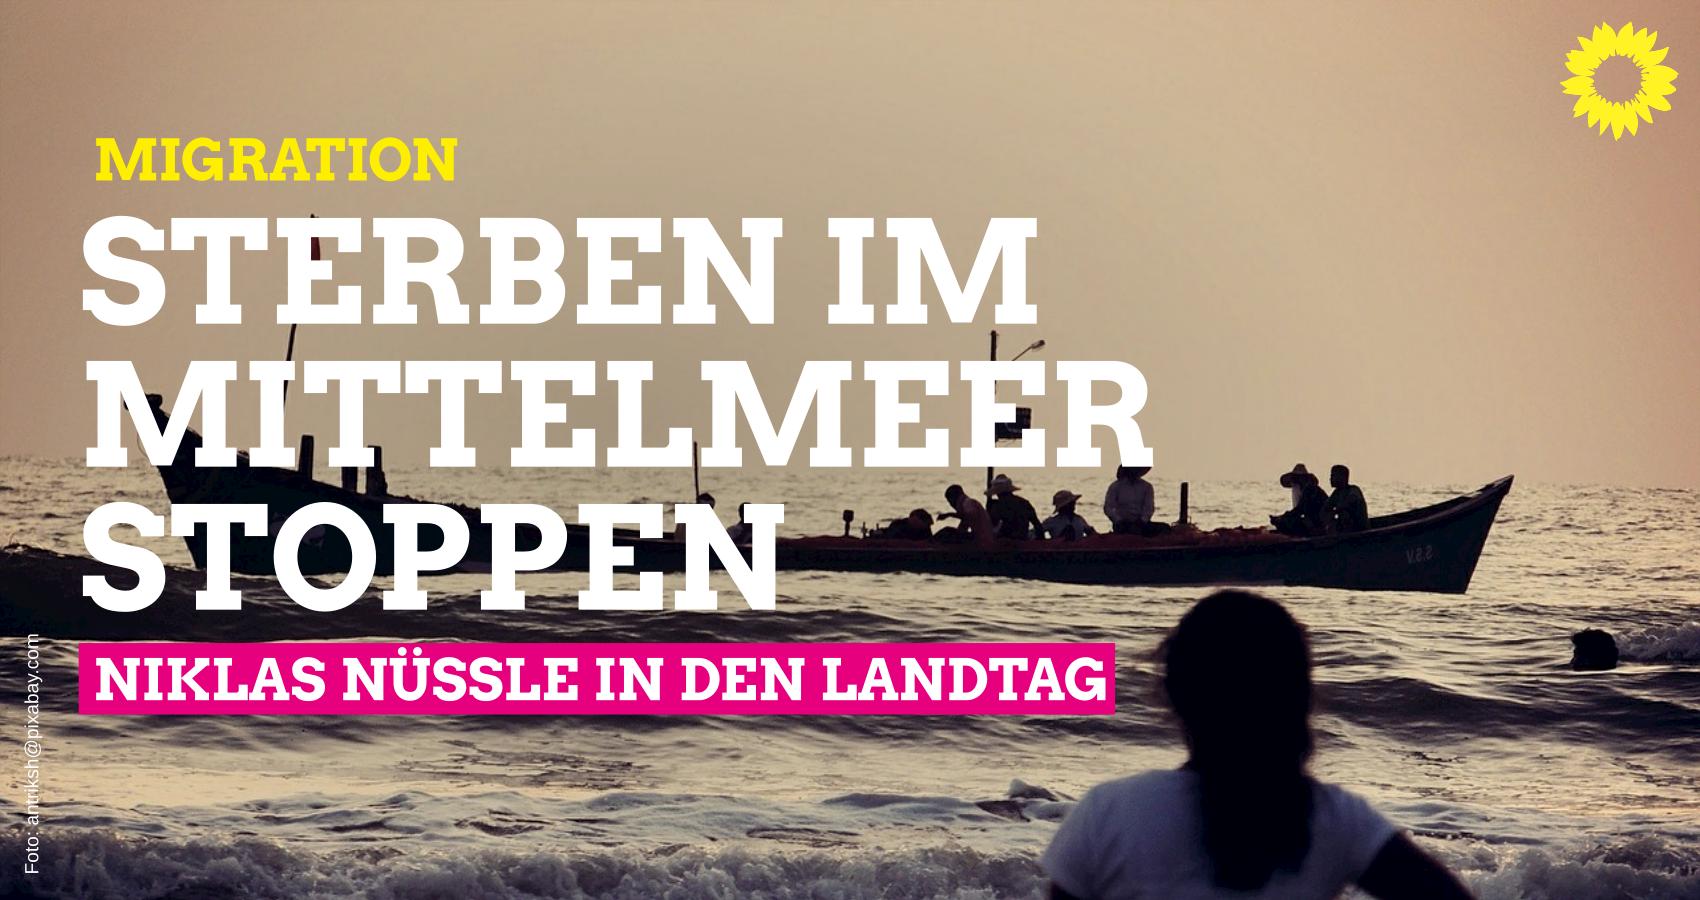 Migration: Sterben im Mittelmeer stoppen